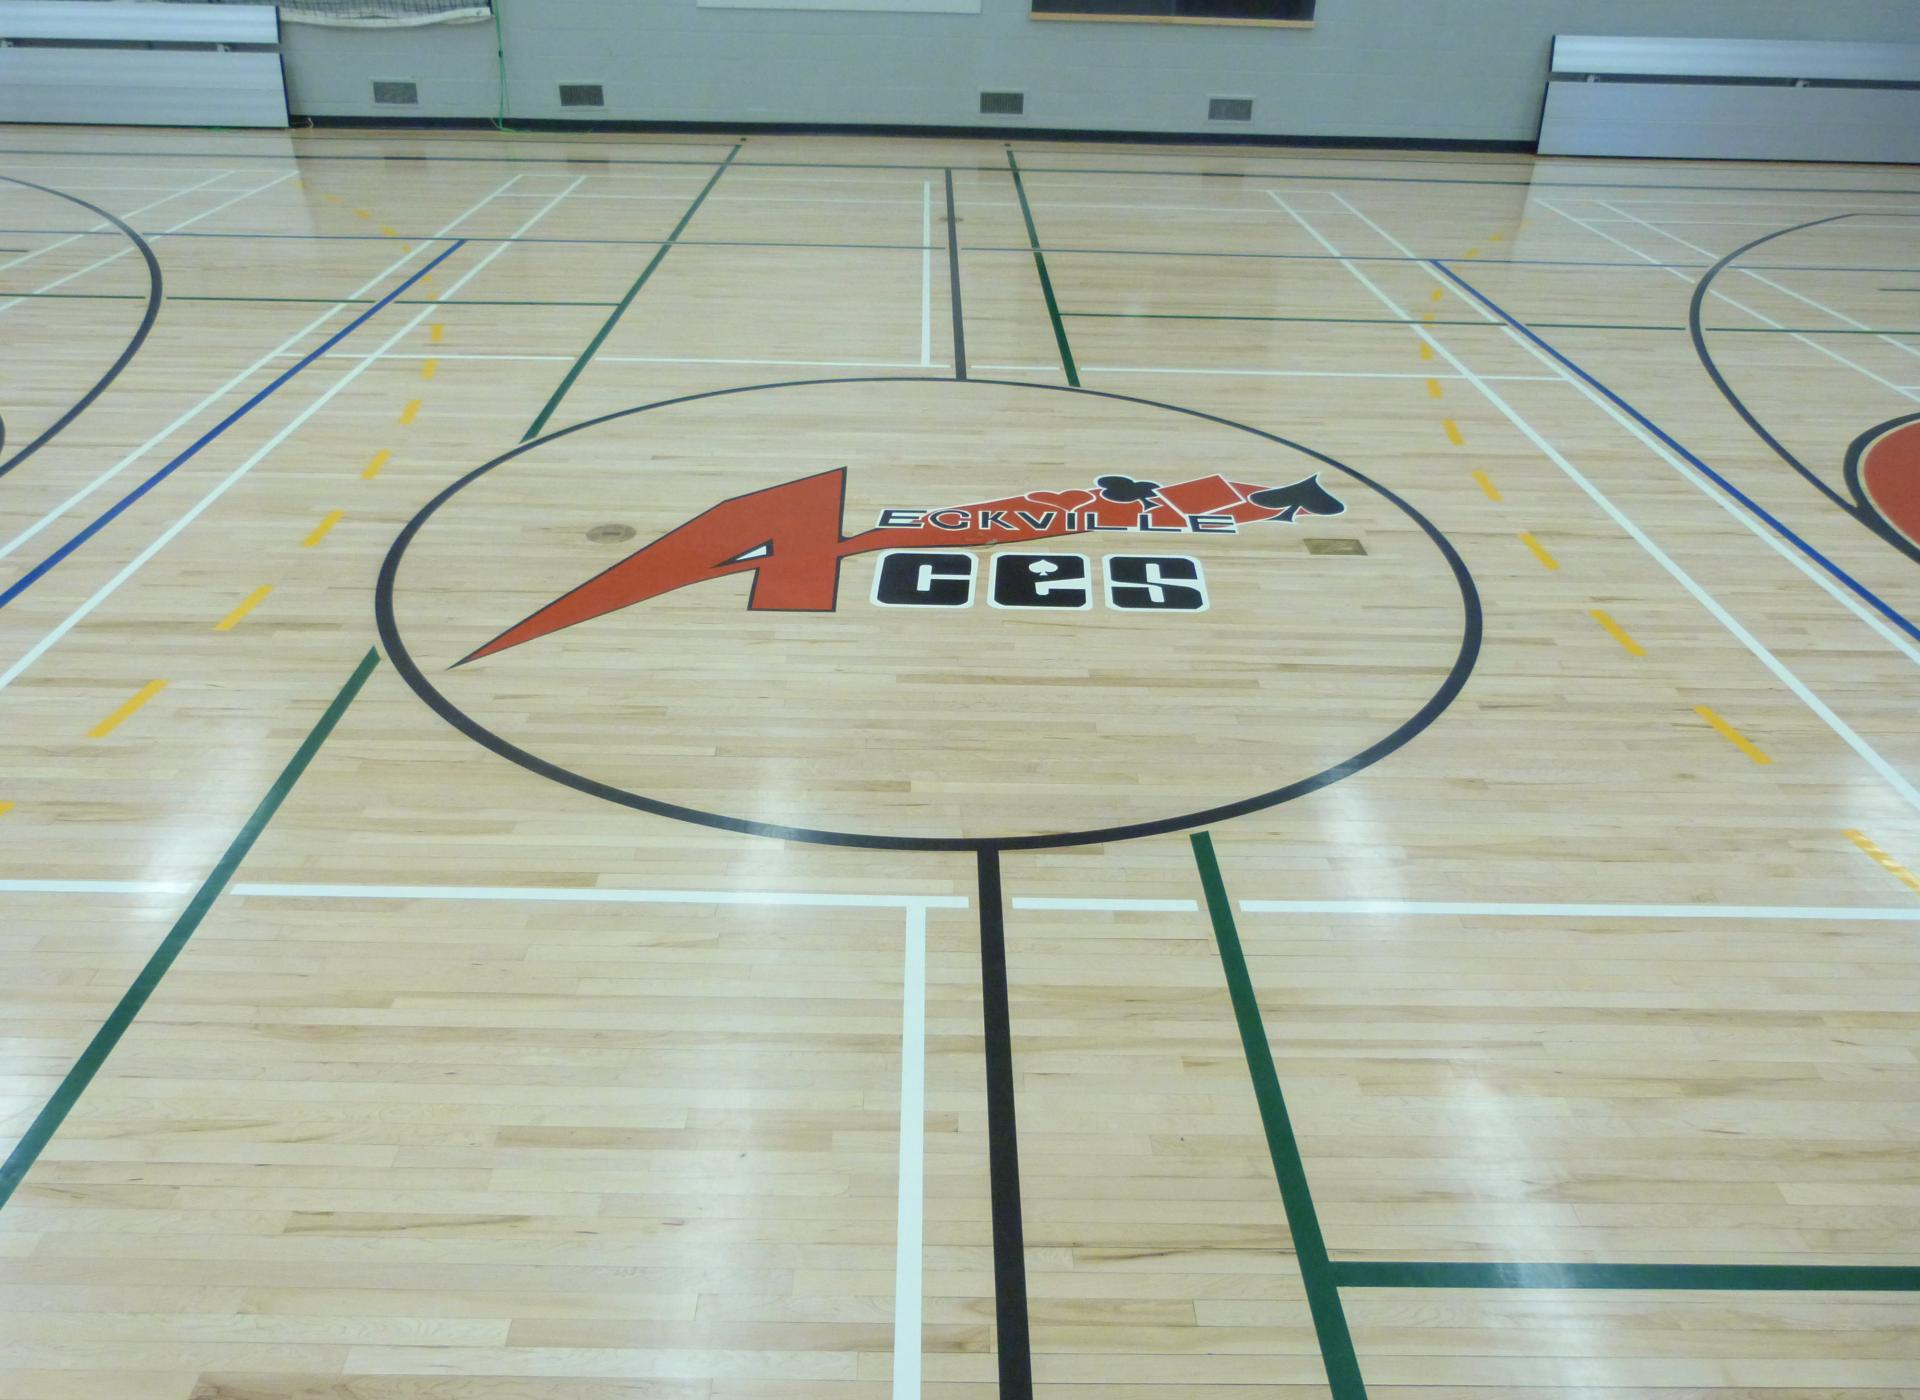 Aces Center Court